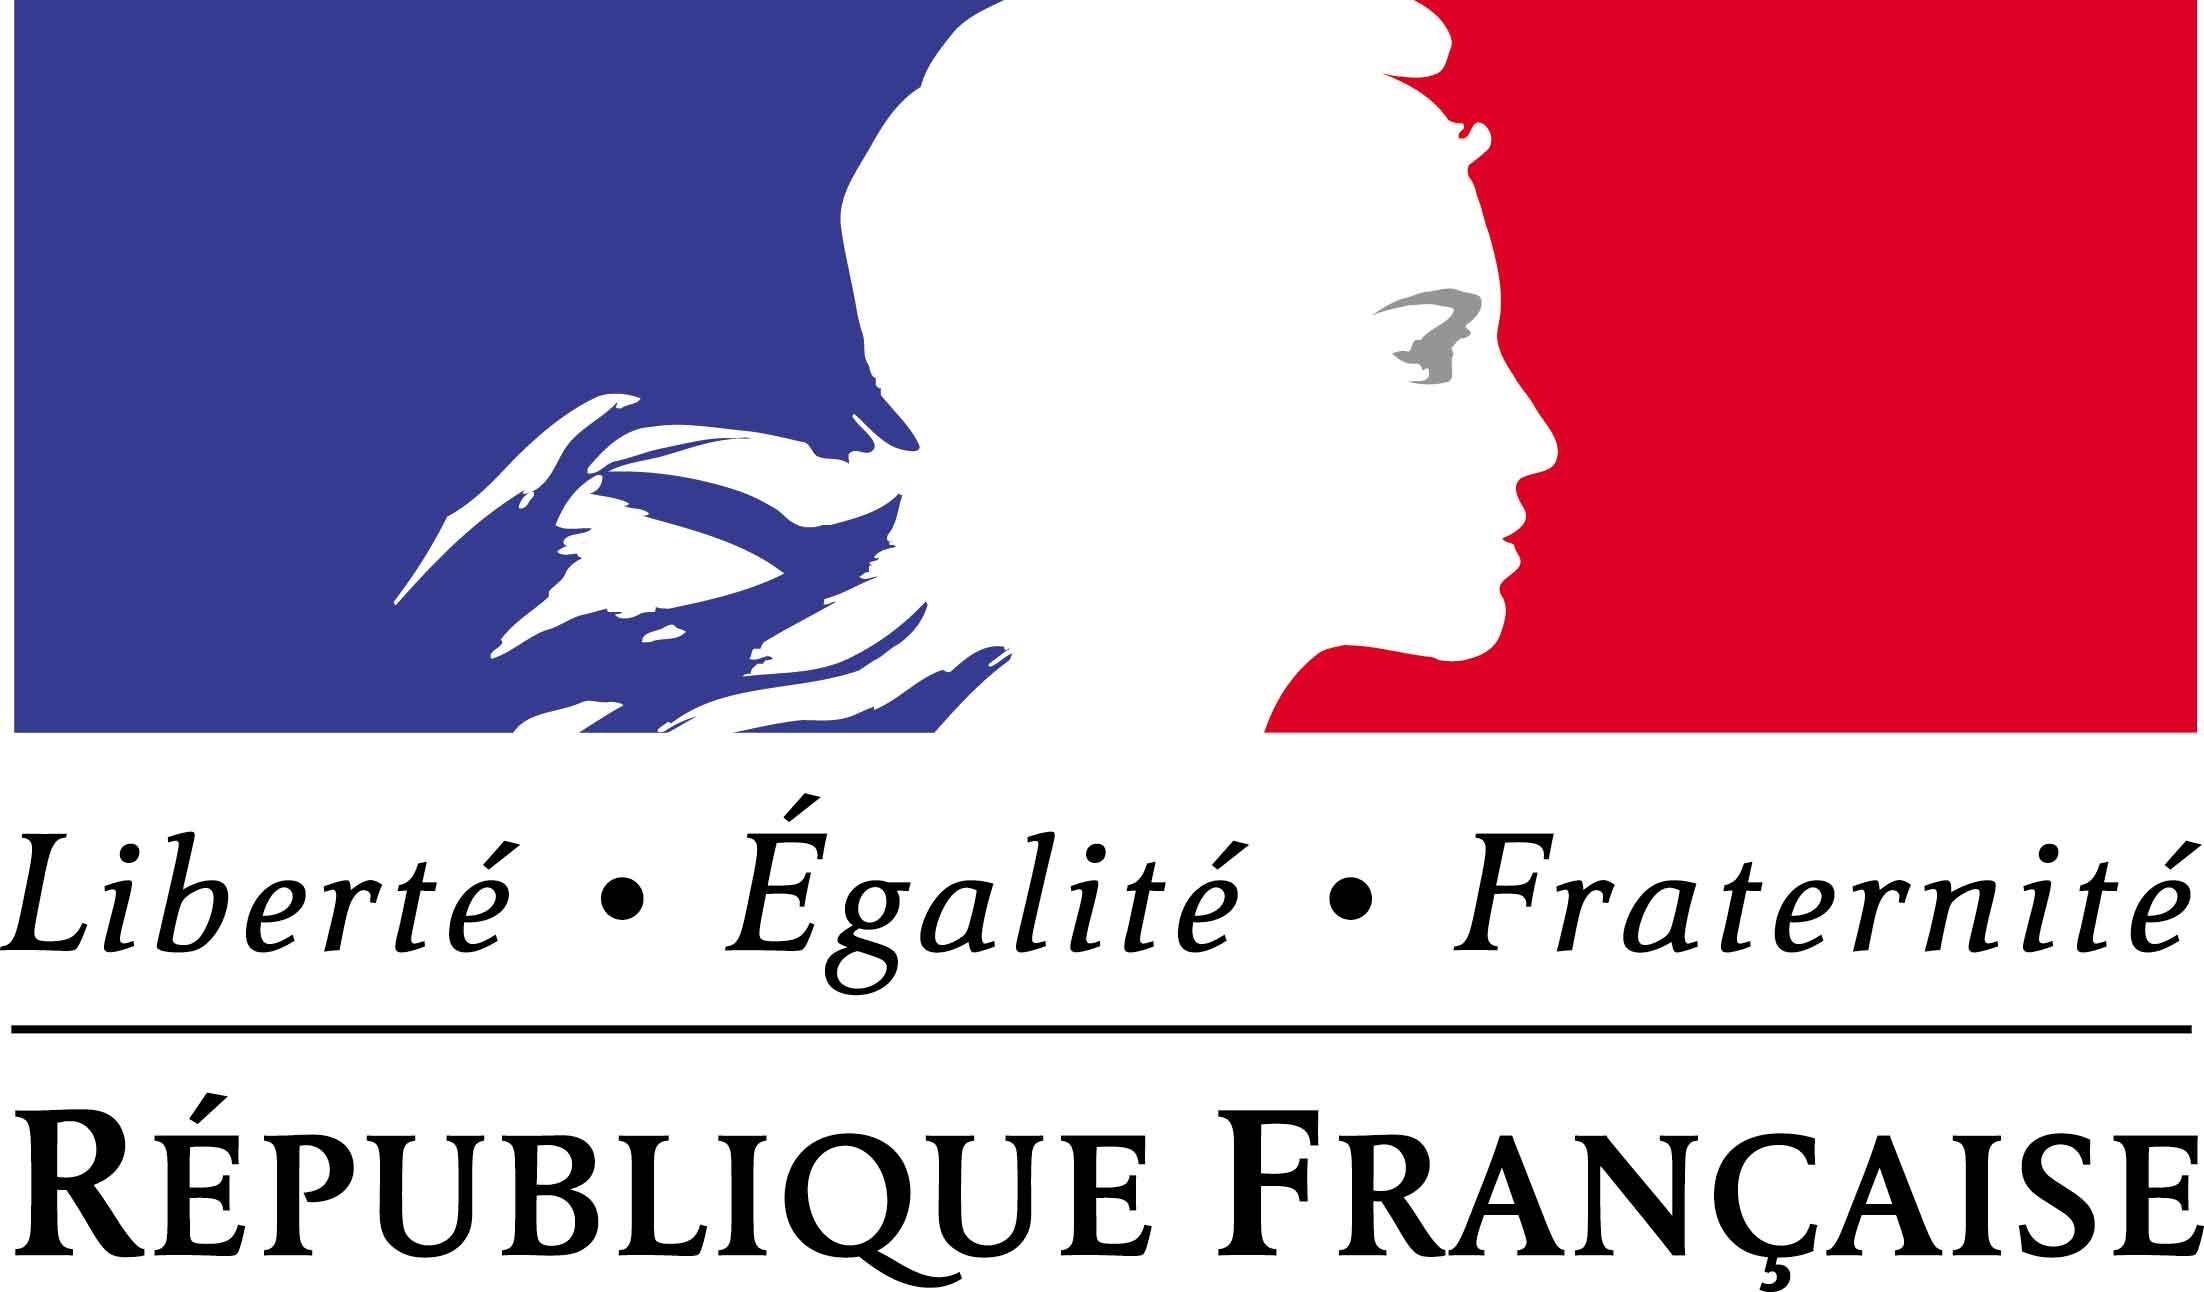 https://foh31.fr/wp-content/uploads/2019/04/logo-etat-français.jpg